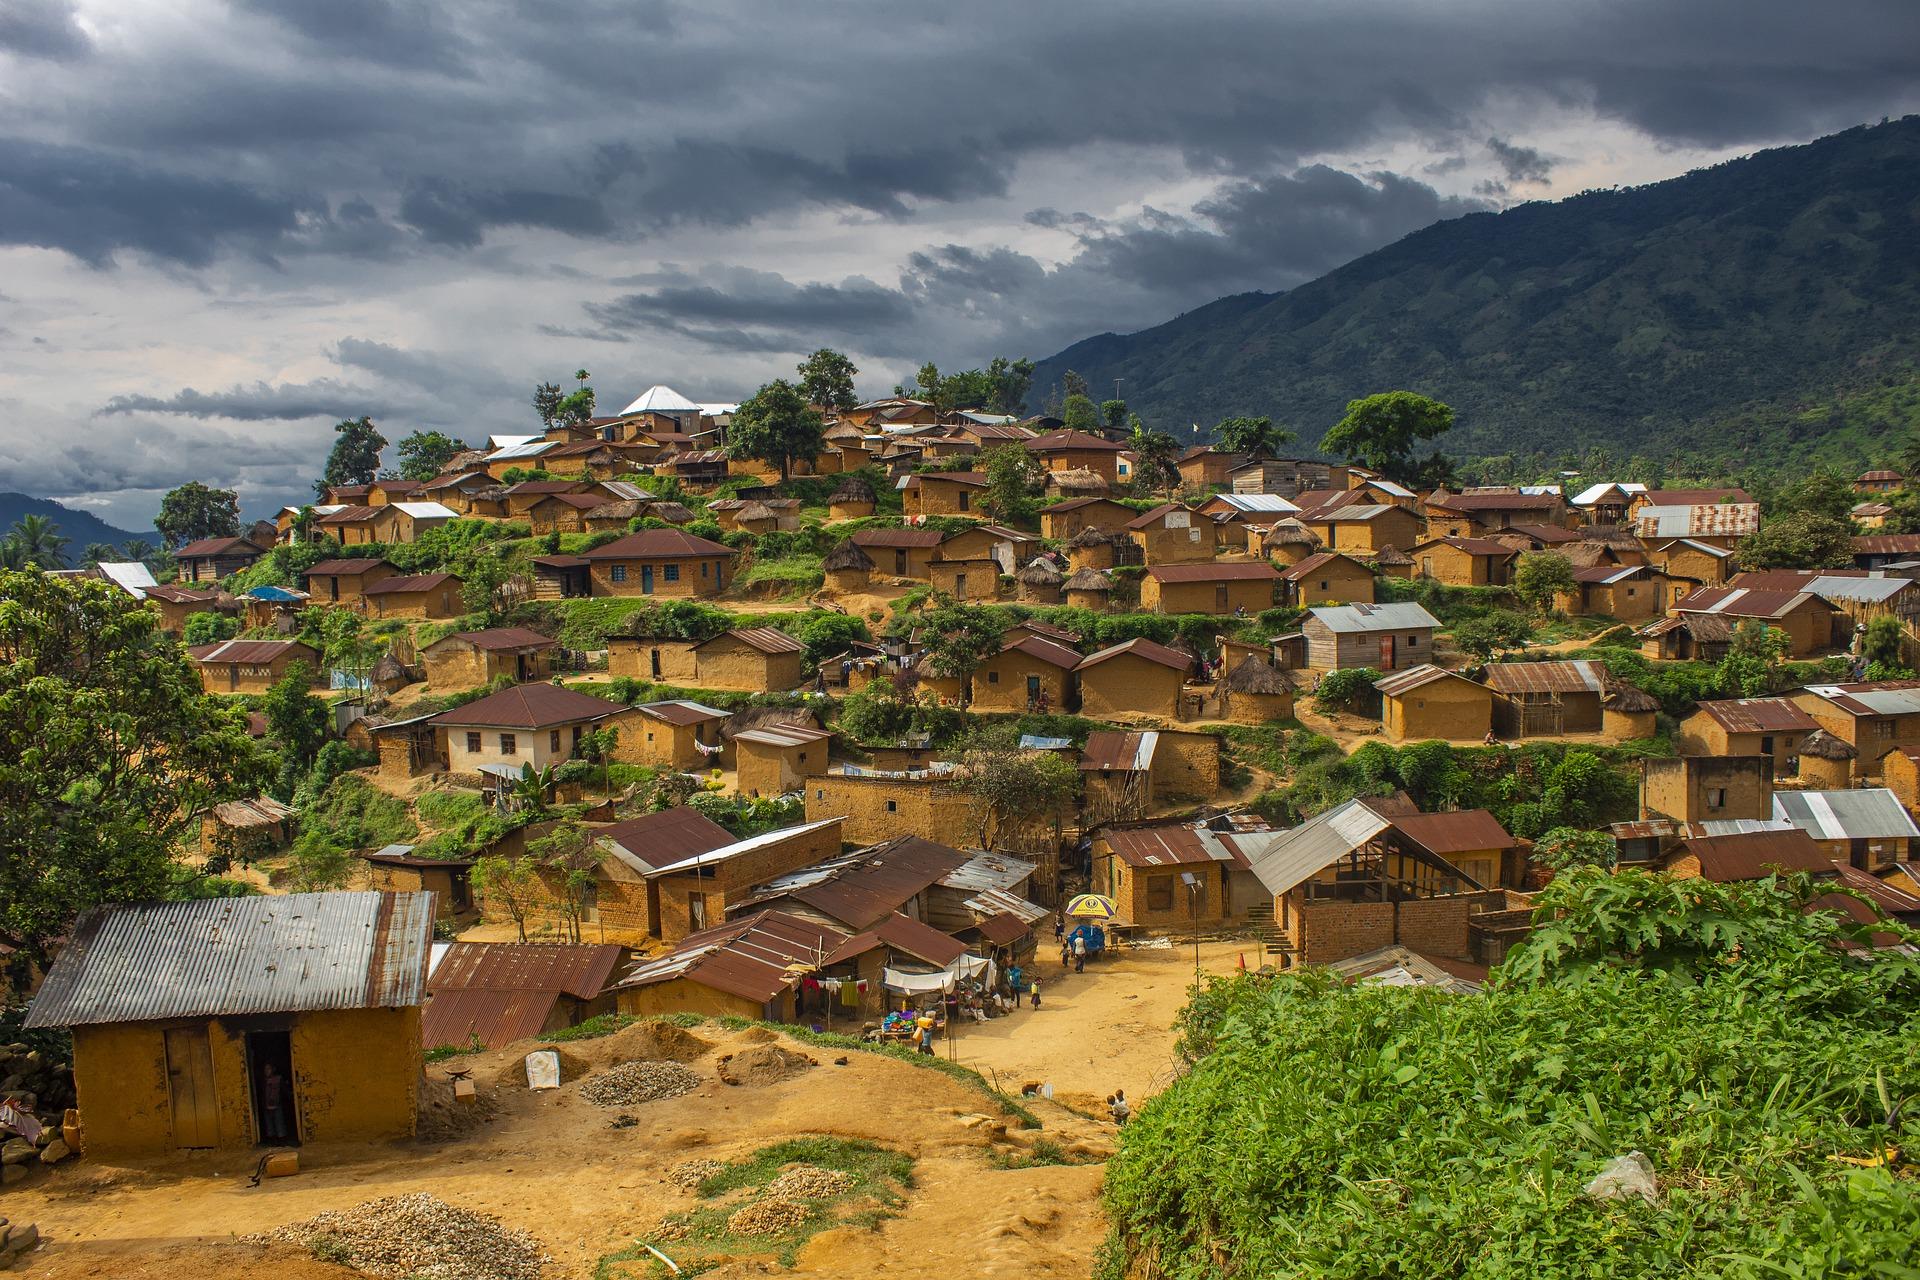 Private detectives and investigators in Congo